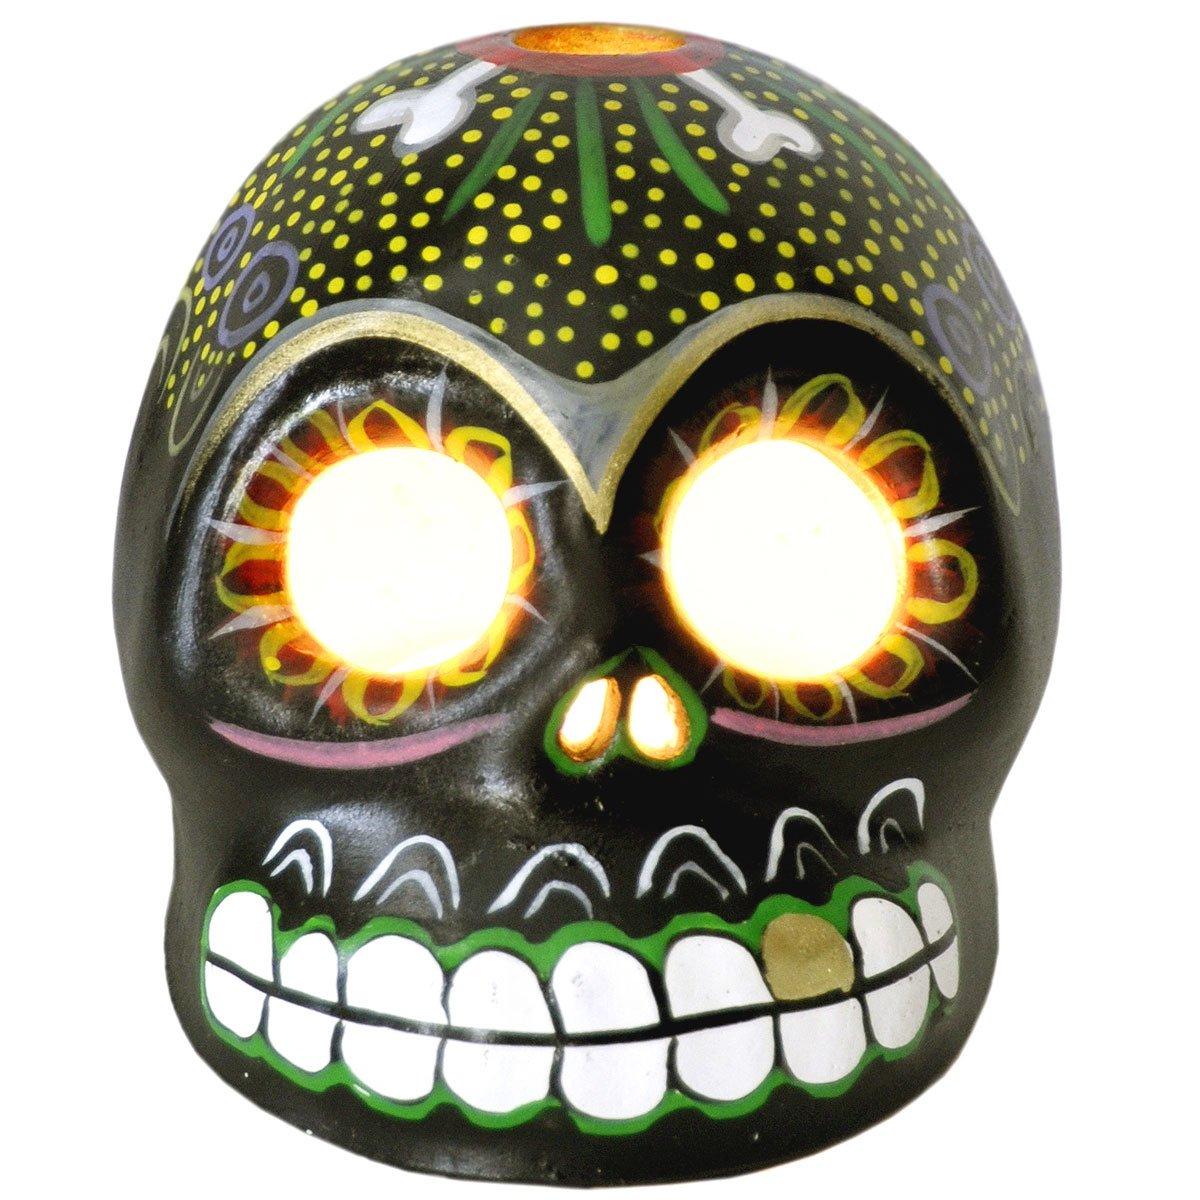 Erstaunlich Mexikanischer Totenkopf Beste Wahl